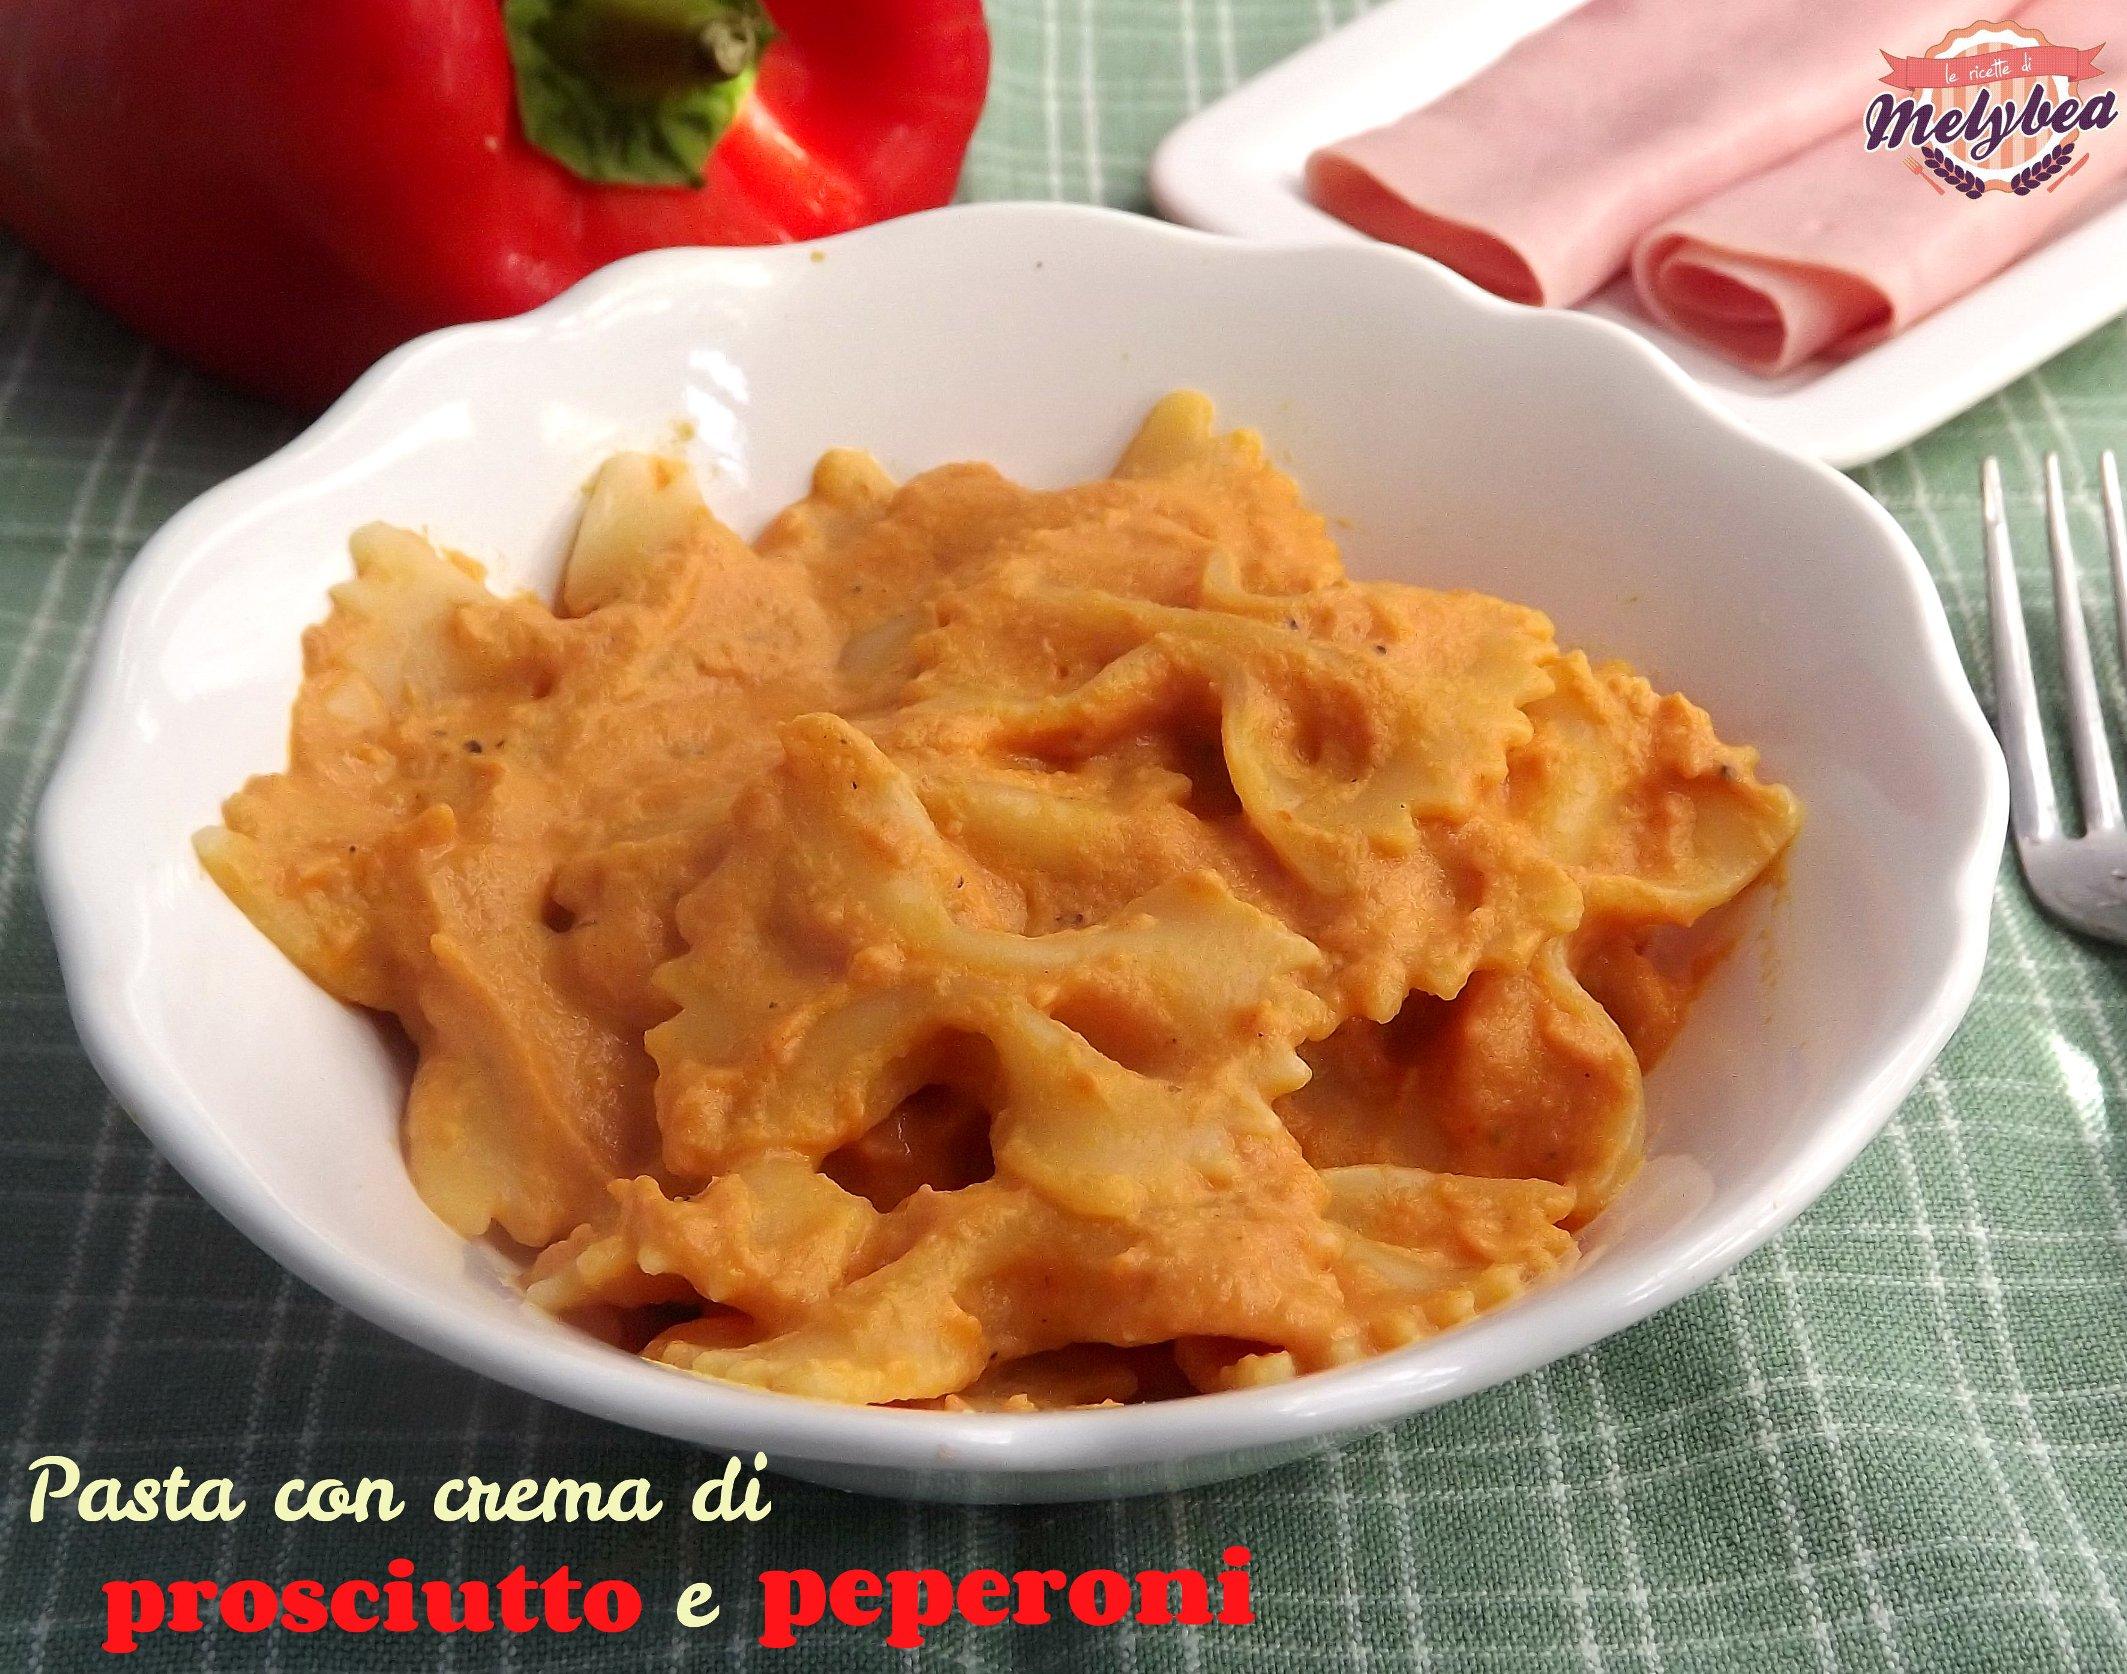 pasta con crema di prosciutto e peperoni